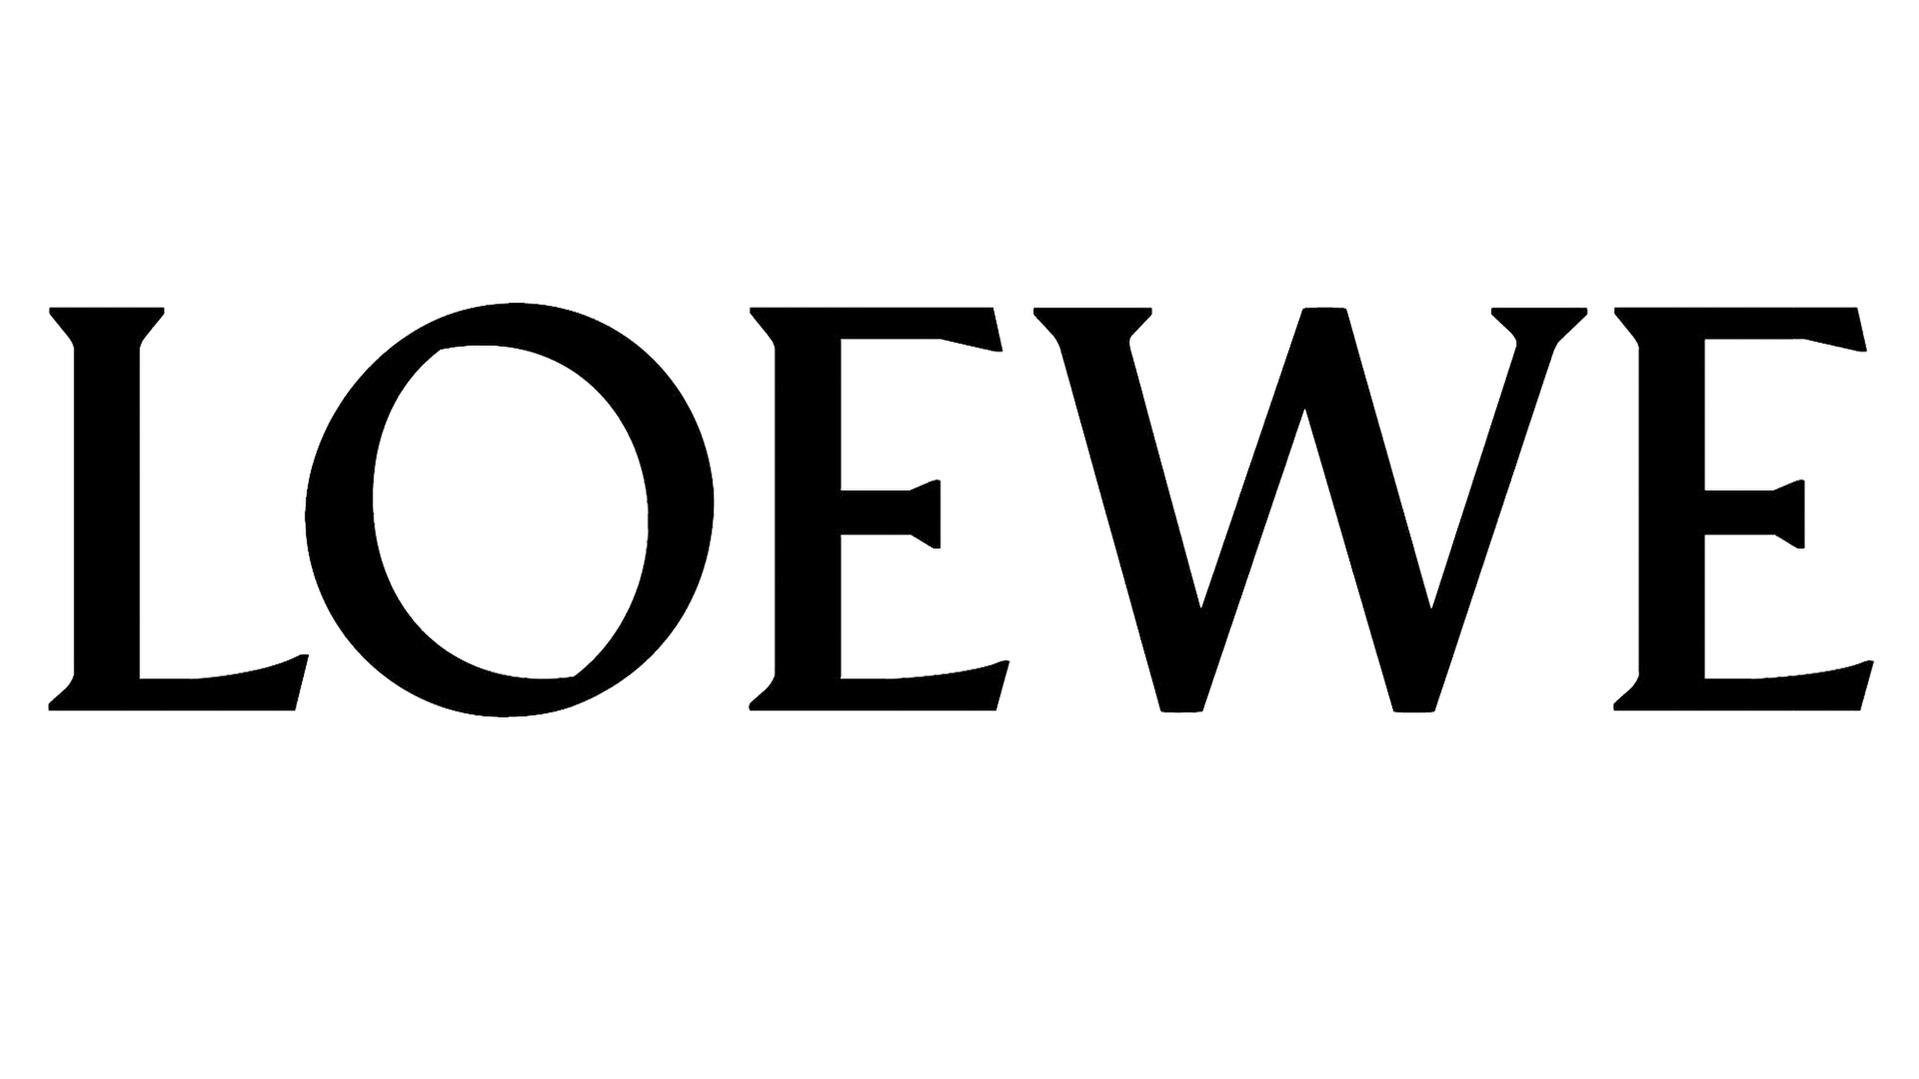 d9c5a623fe Loewe - La información completa y la venta en línea con envío gratis.  Ordene y compre ahora por el precio más bajo en la mejor tienda en línea!